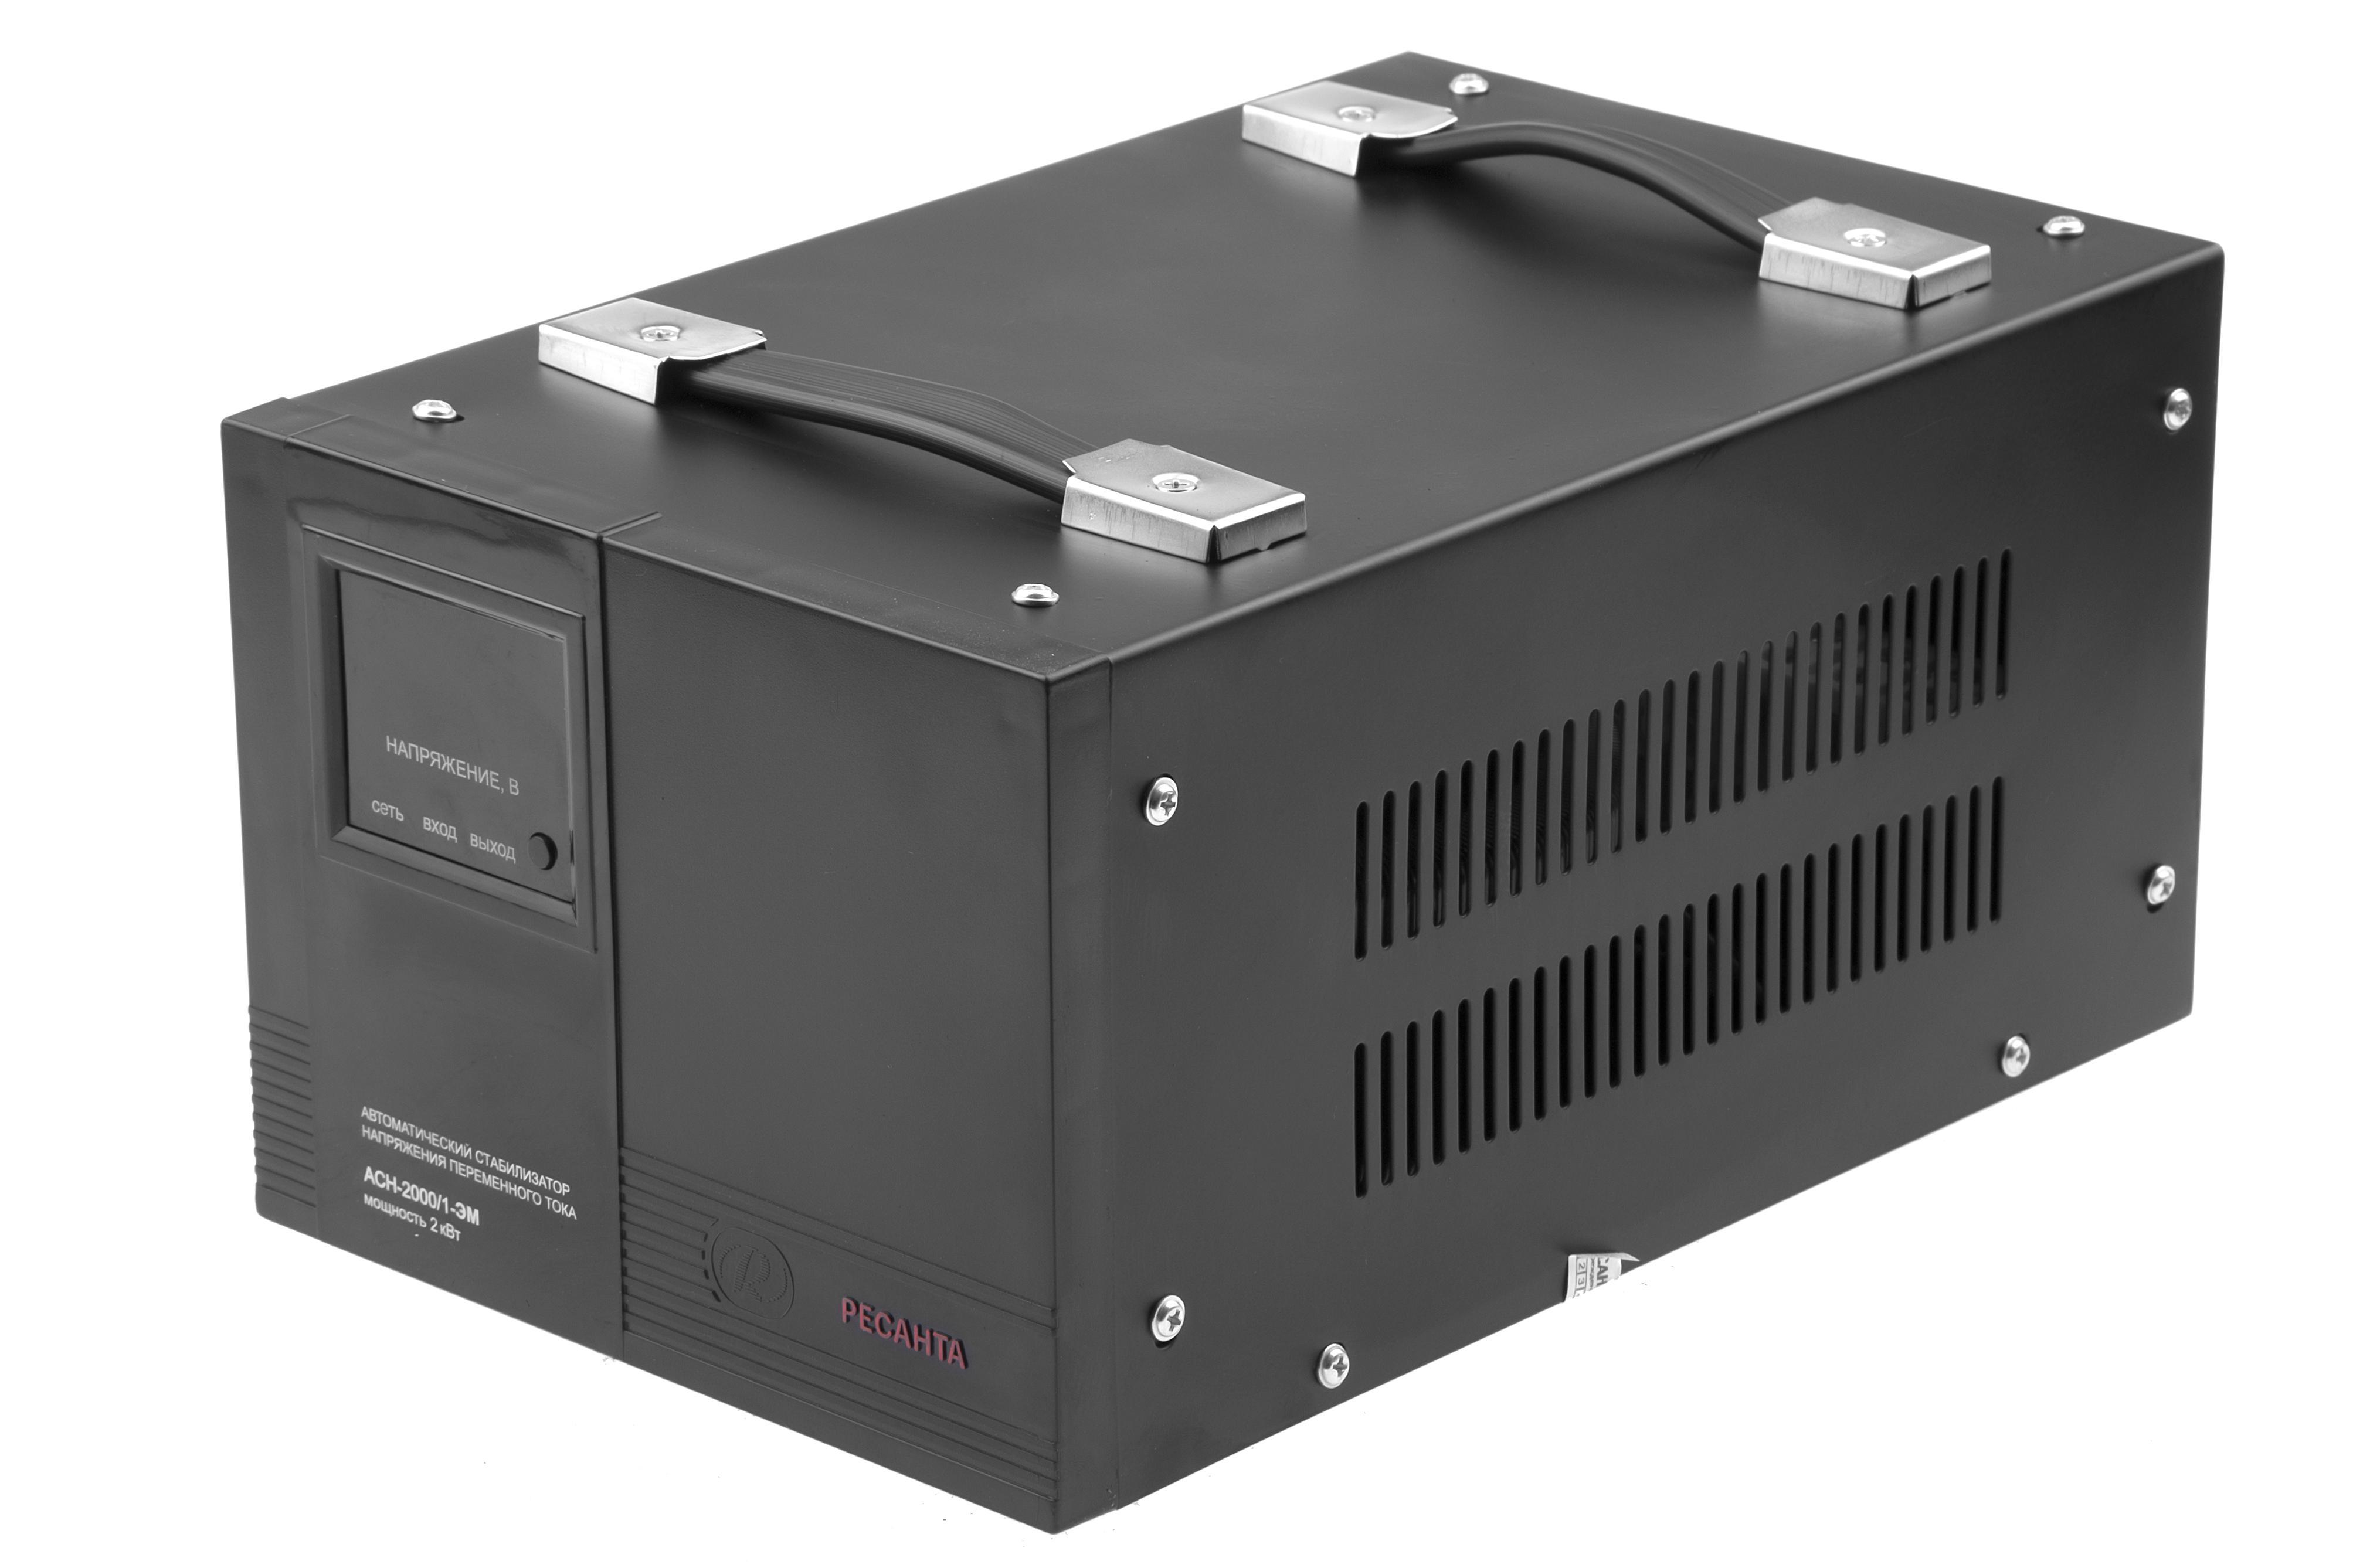 Стабилизатор напряжения РЕСАНТА АСН-2000/1-ЭМ стабилизатор напряжения ресанта асн 2 000 1 эм